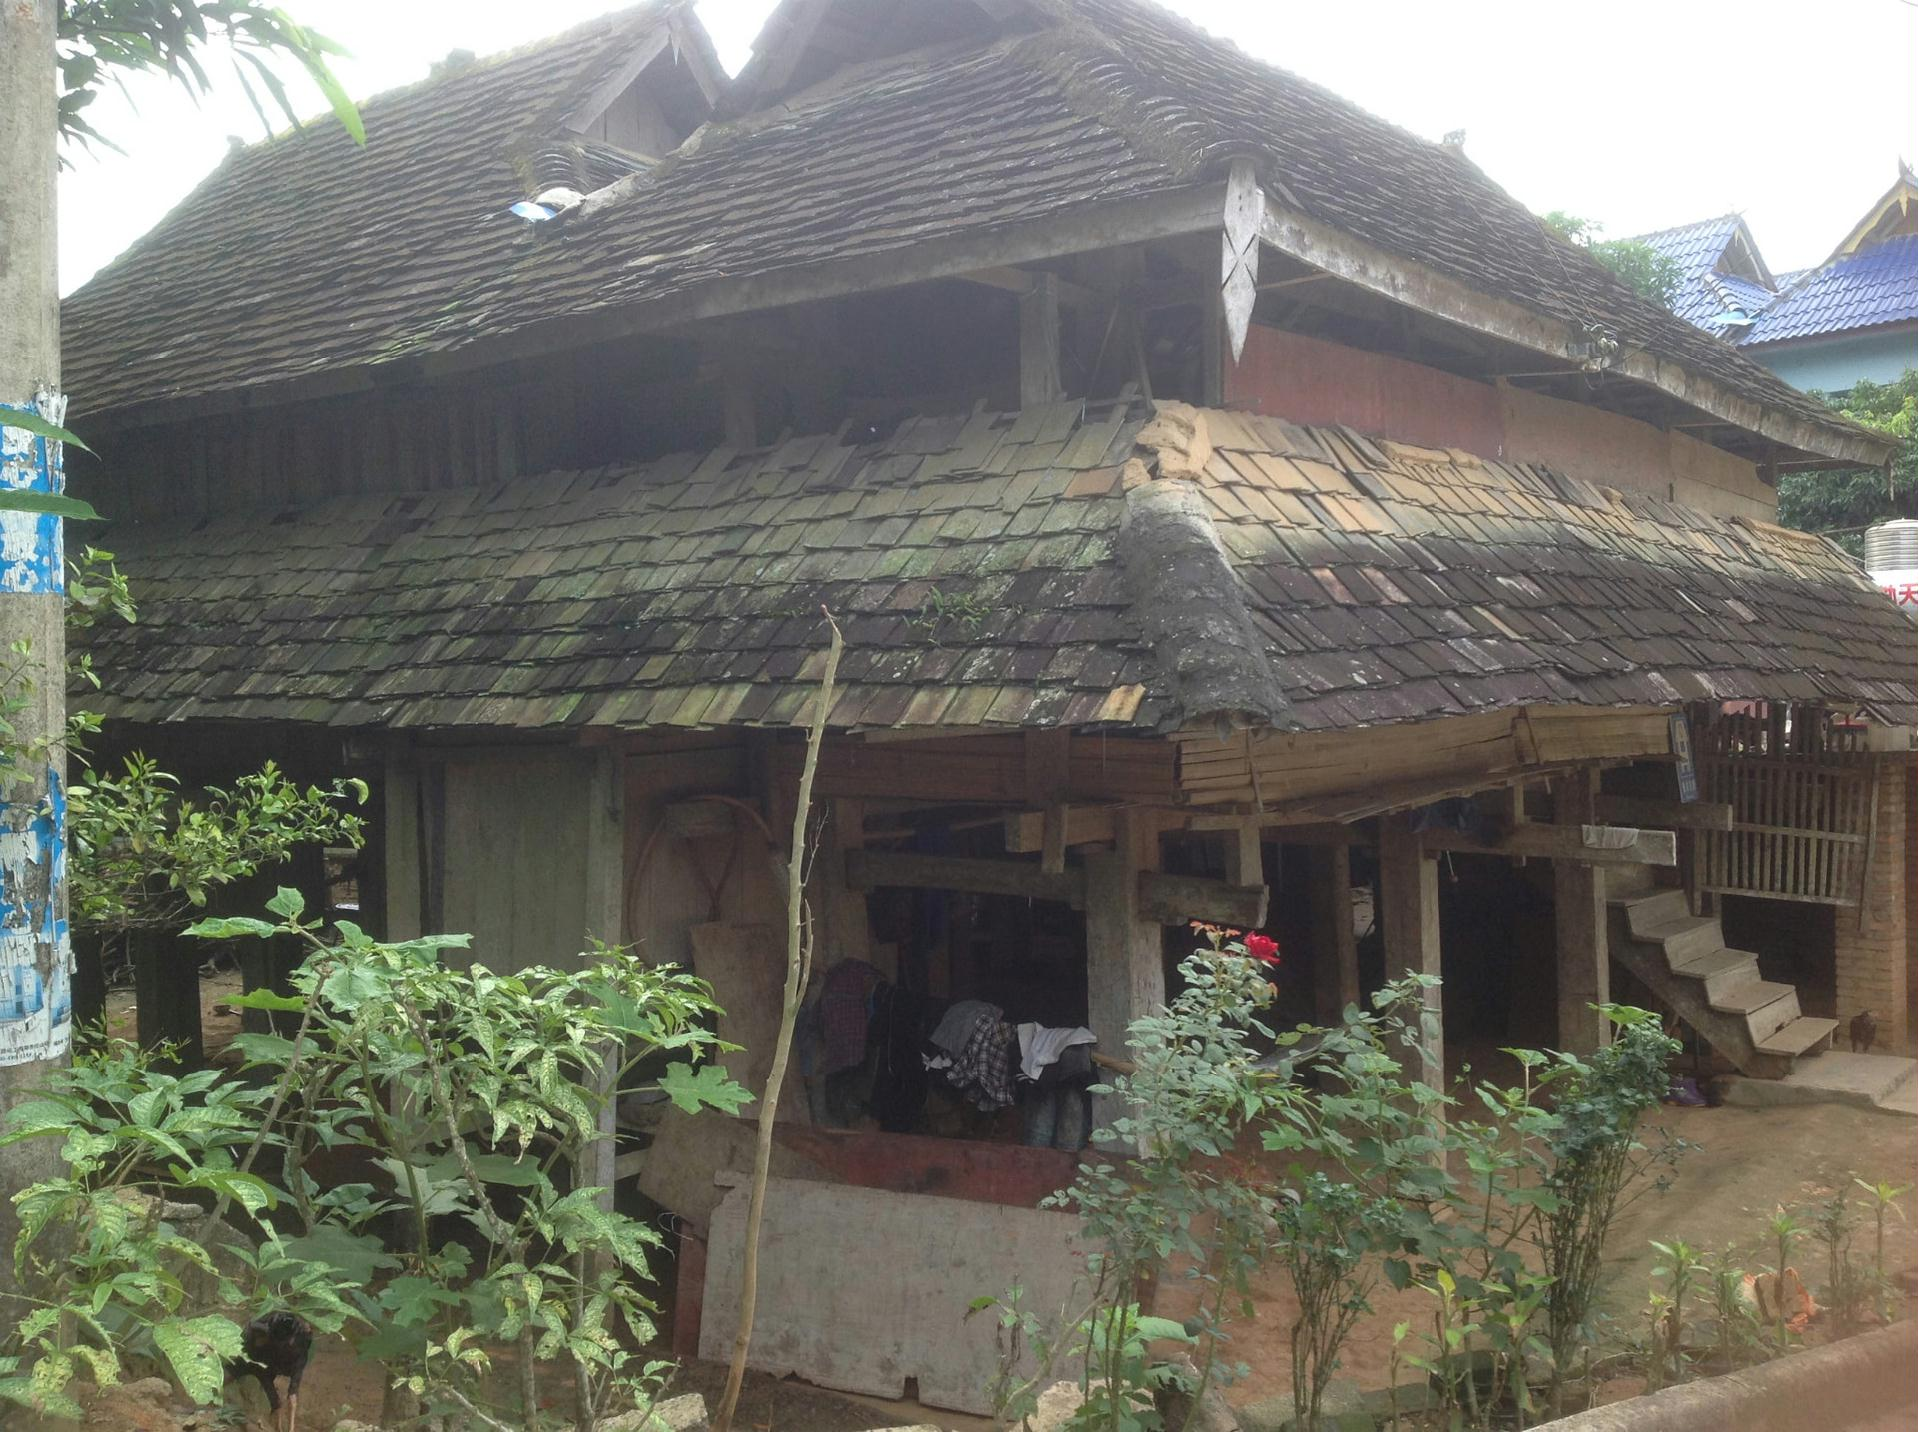 走少有人走的云南寻找星空下的家!普洱西盟勐海西双版纳滇西中缅边境行摄旅行